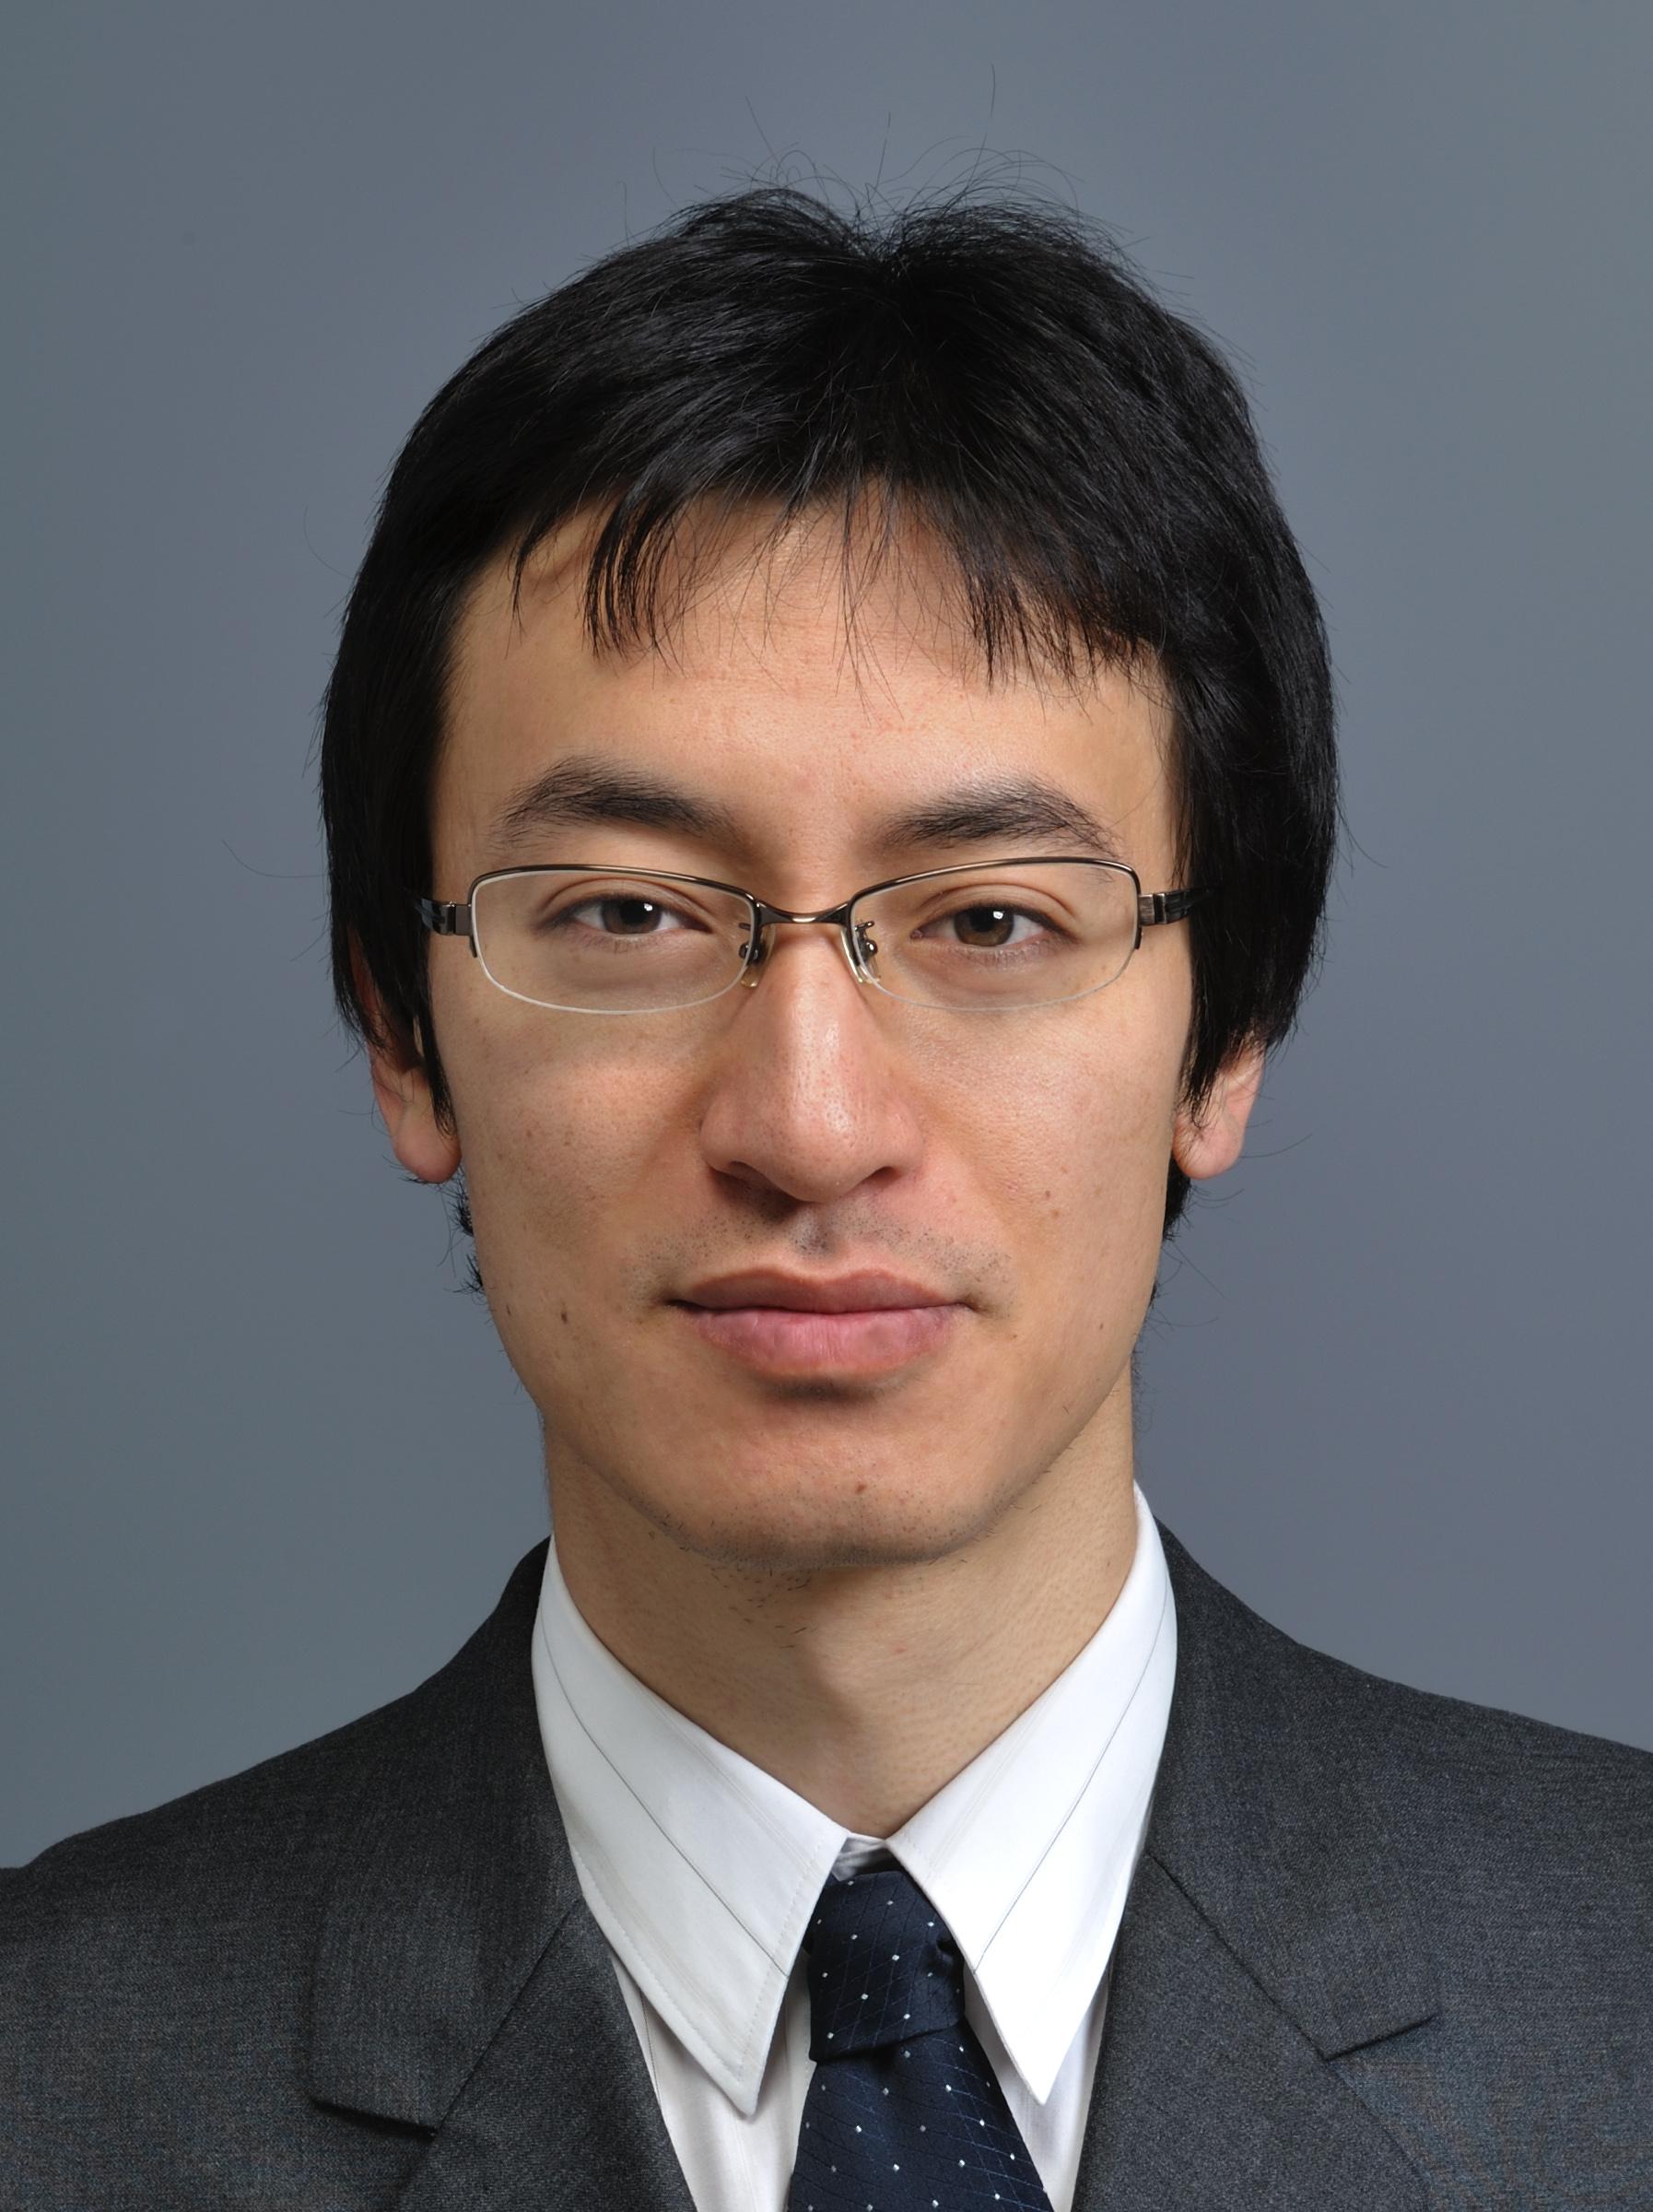 Shuntaro Ando